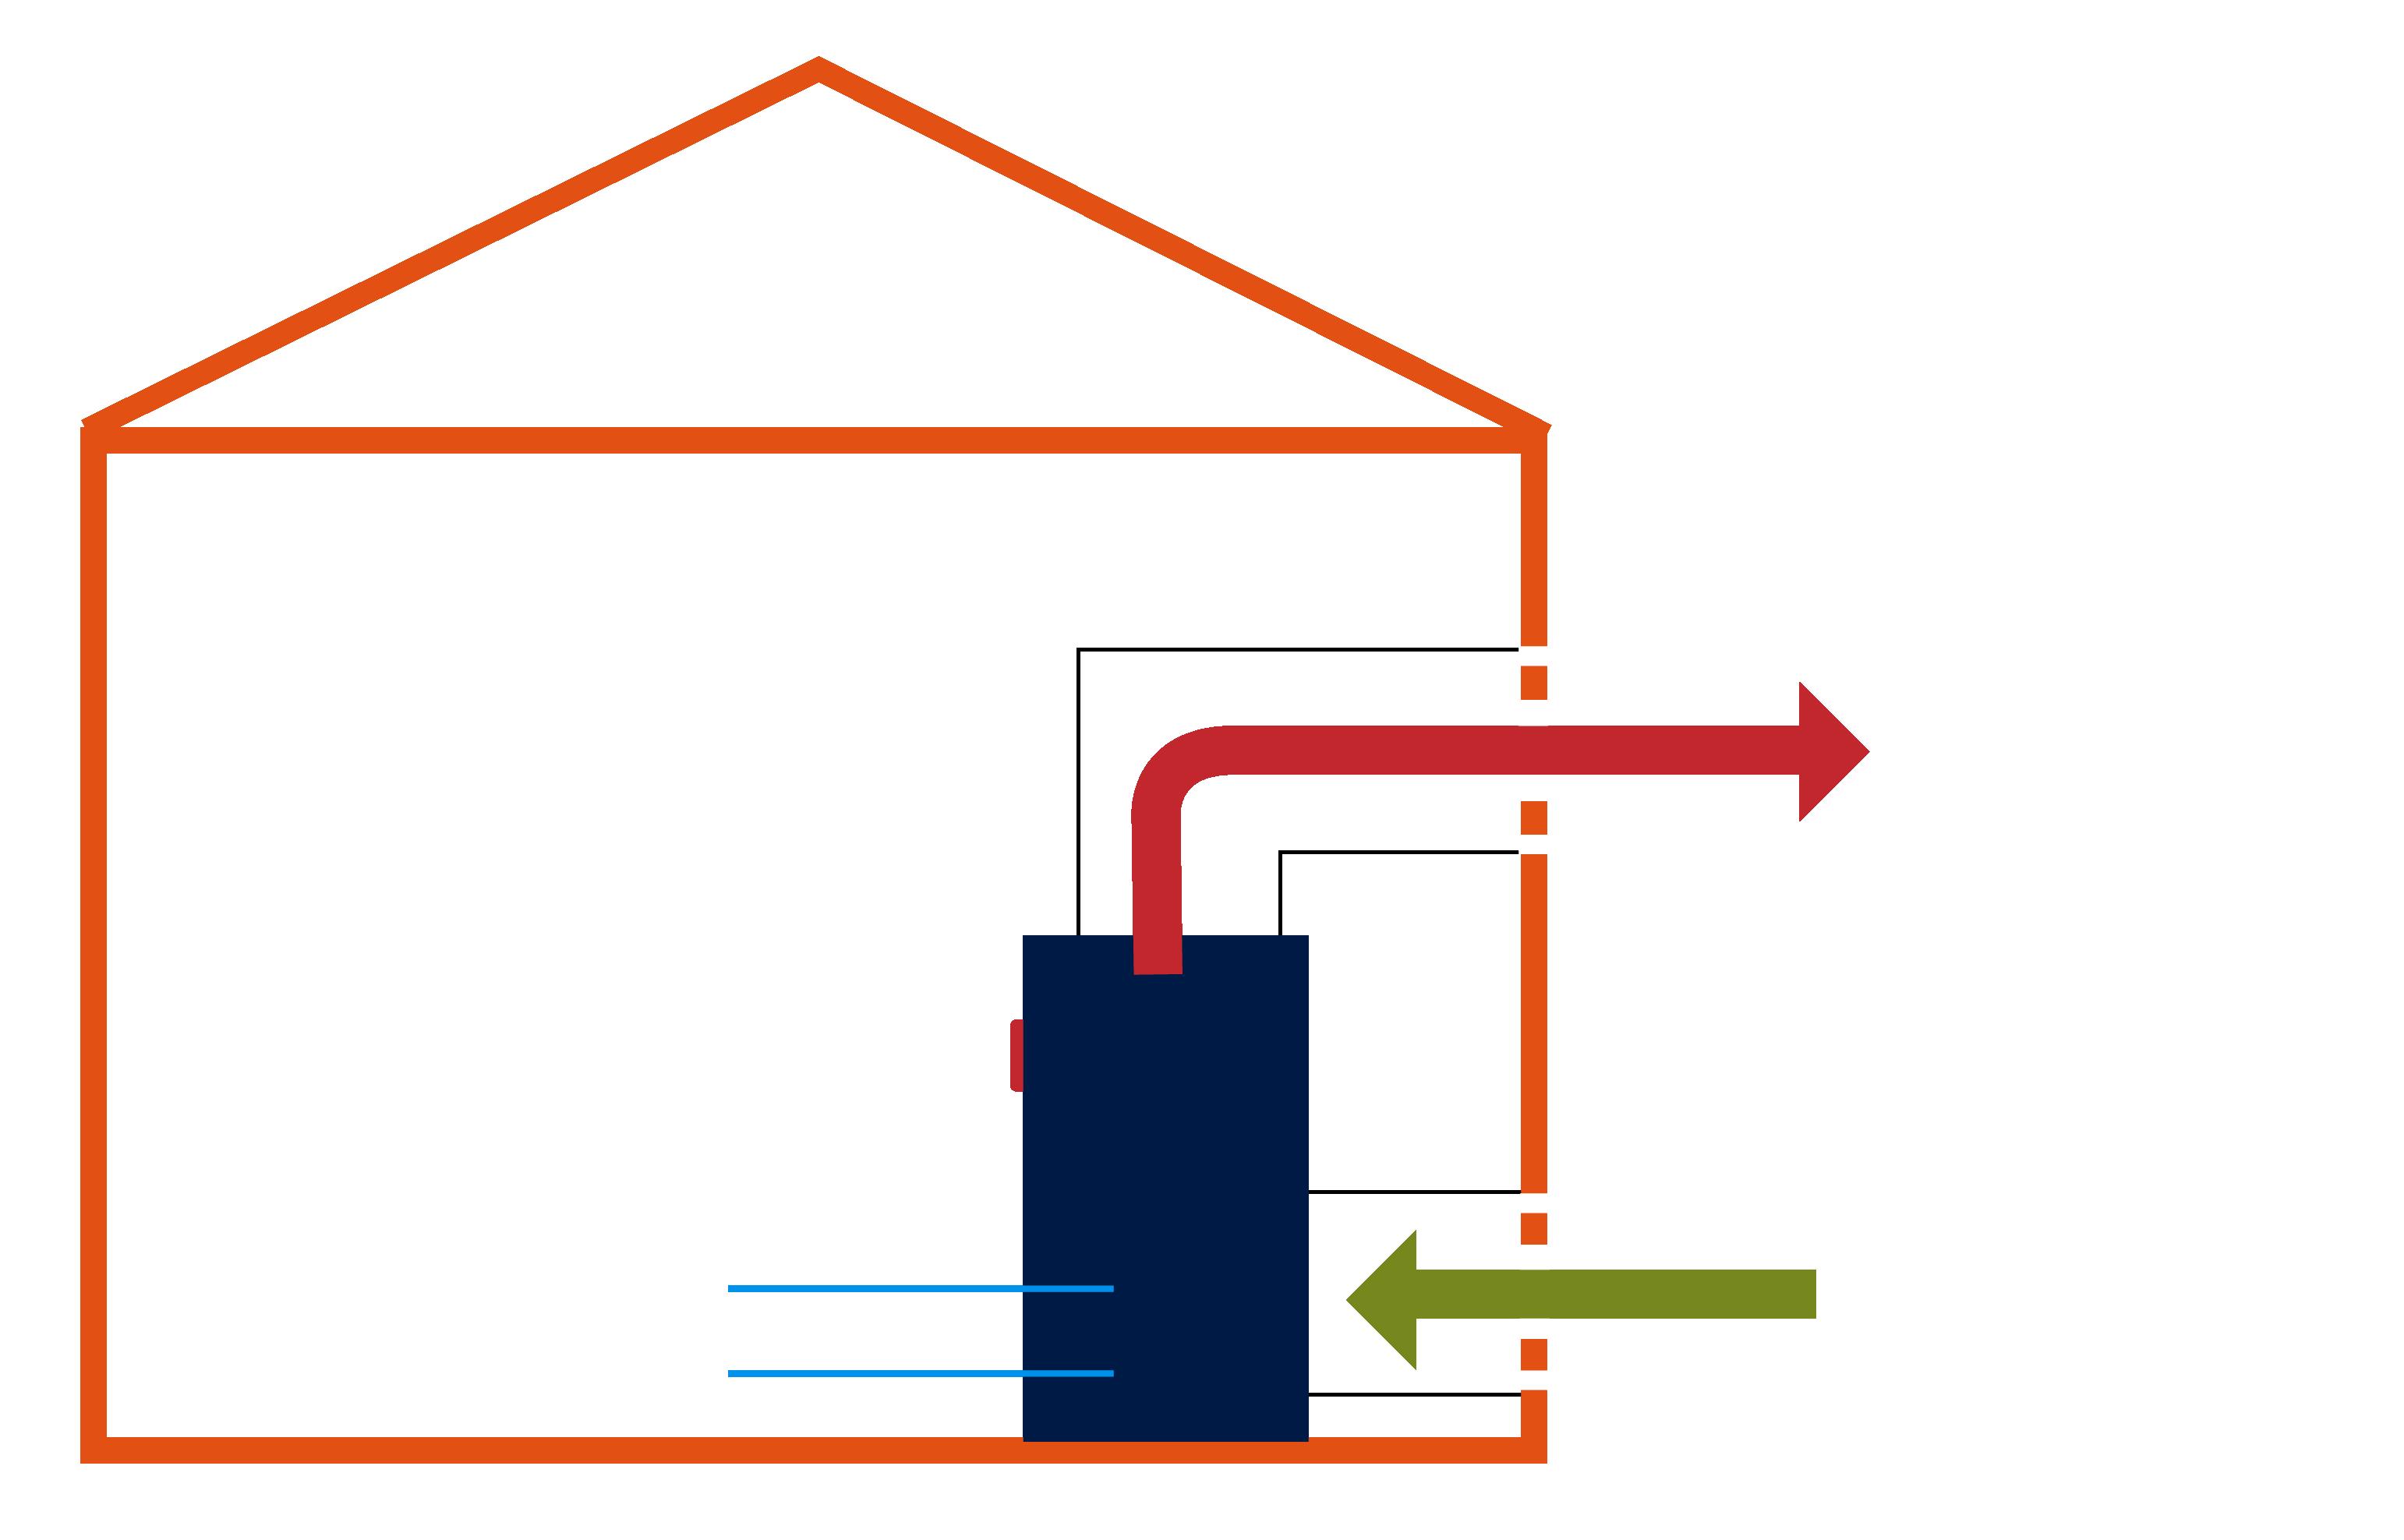 Luftgekühlt Innenaufstellung ohne Freie Kühlung